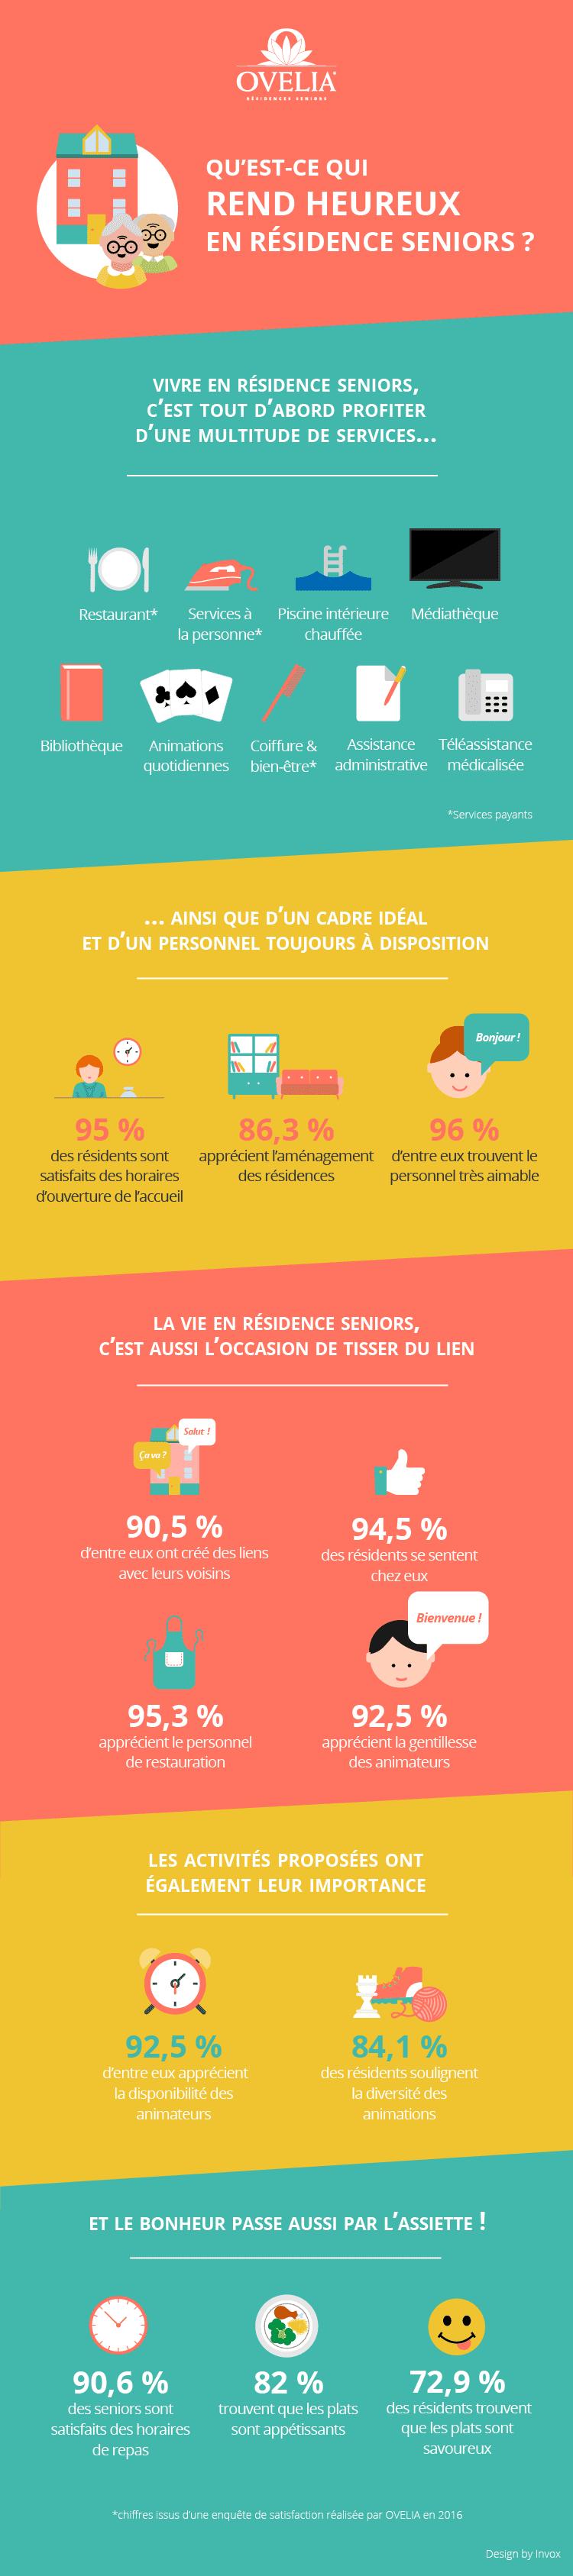 Infographie Ovelia Résidences Services Seniors